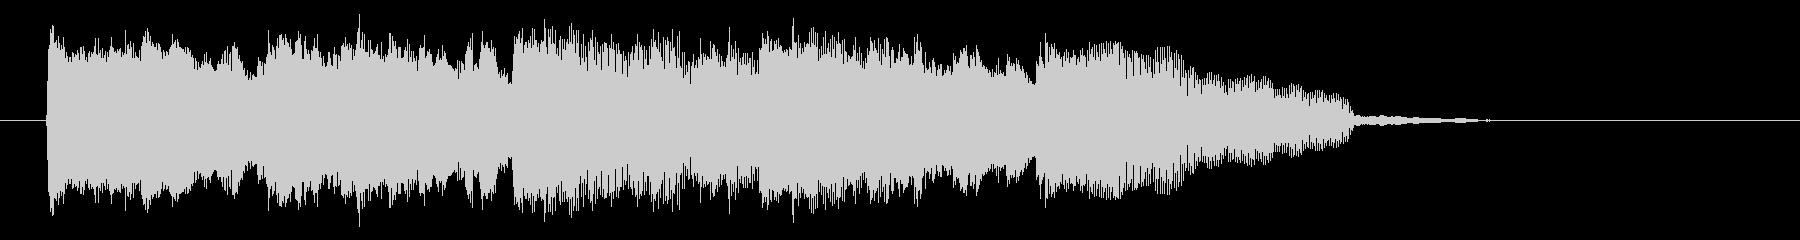 シンプルな軽やかで軽快なピアノジングルの未再生の波形